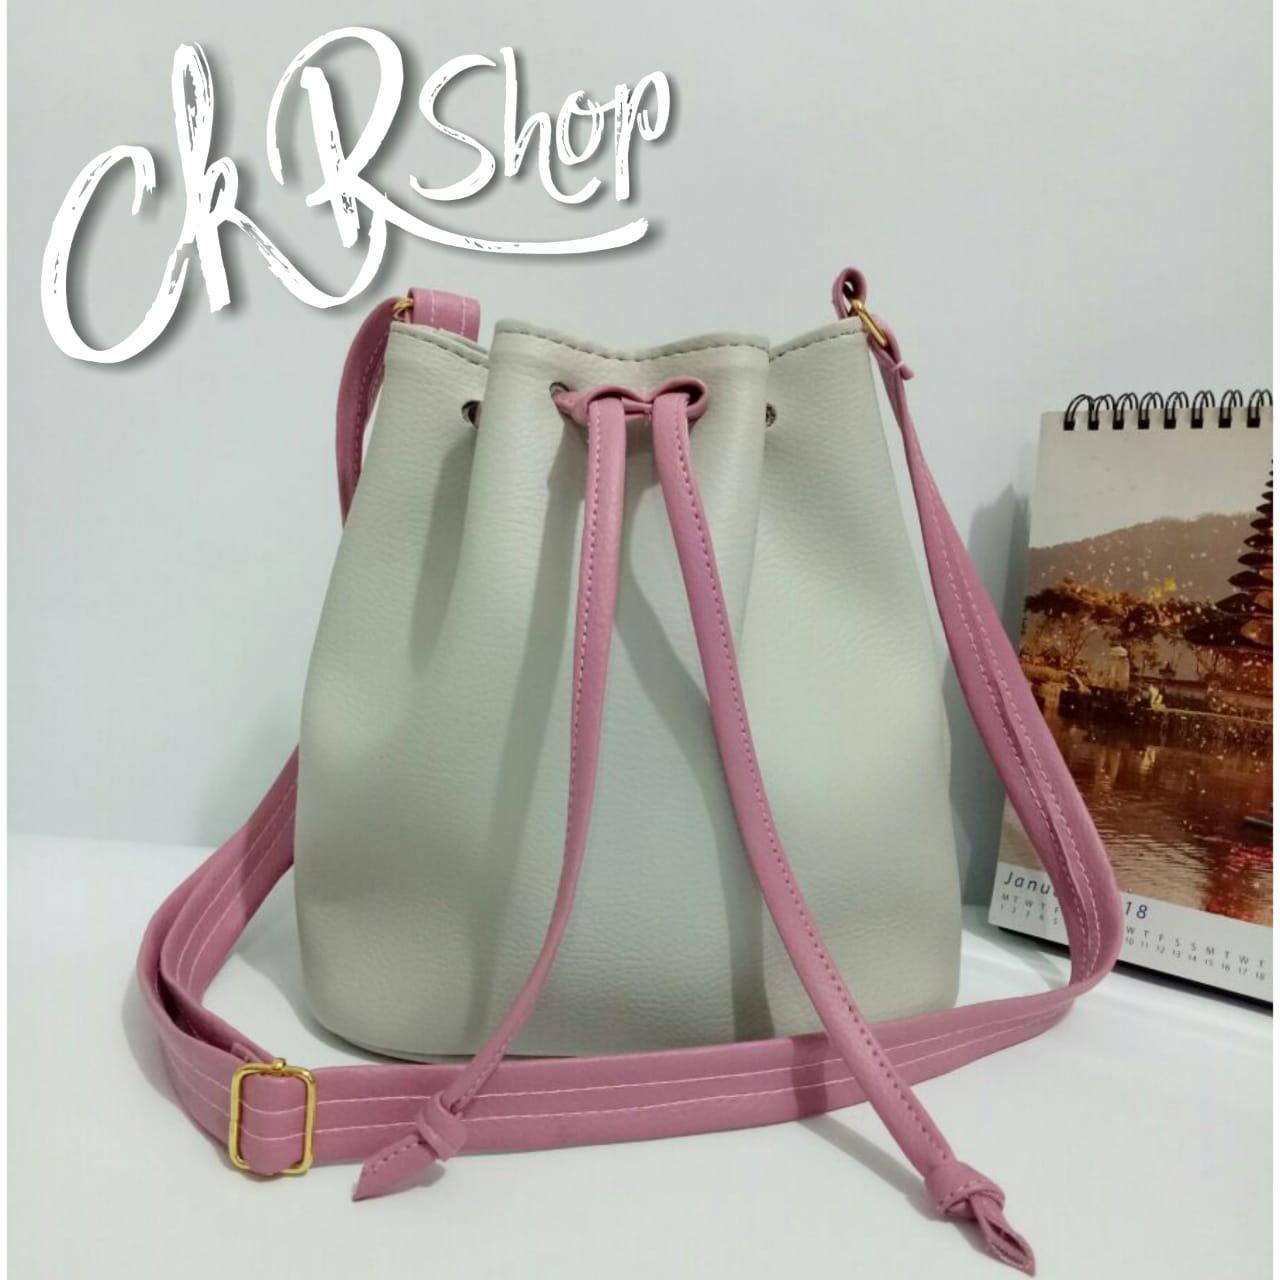 CKR Shop - Tas Cantik Serut Kombinasi HM-06